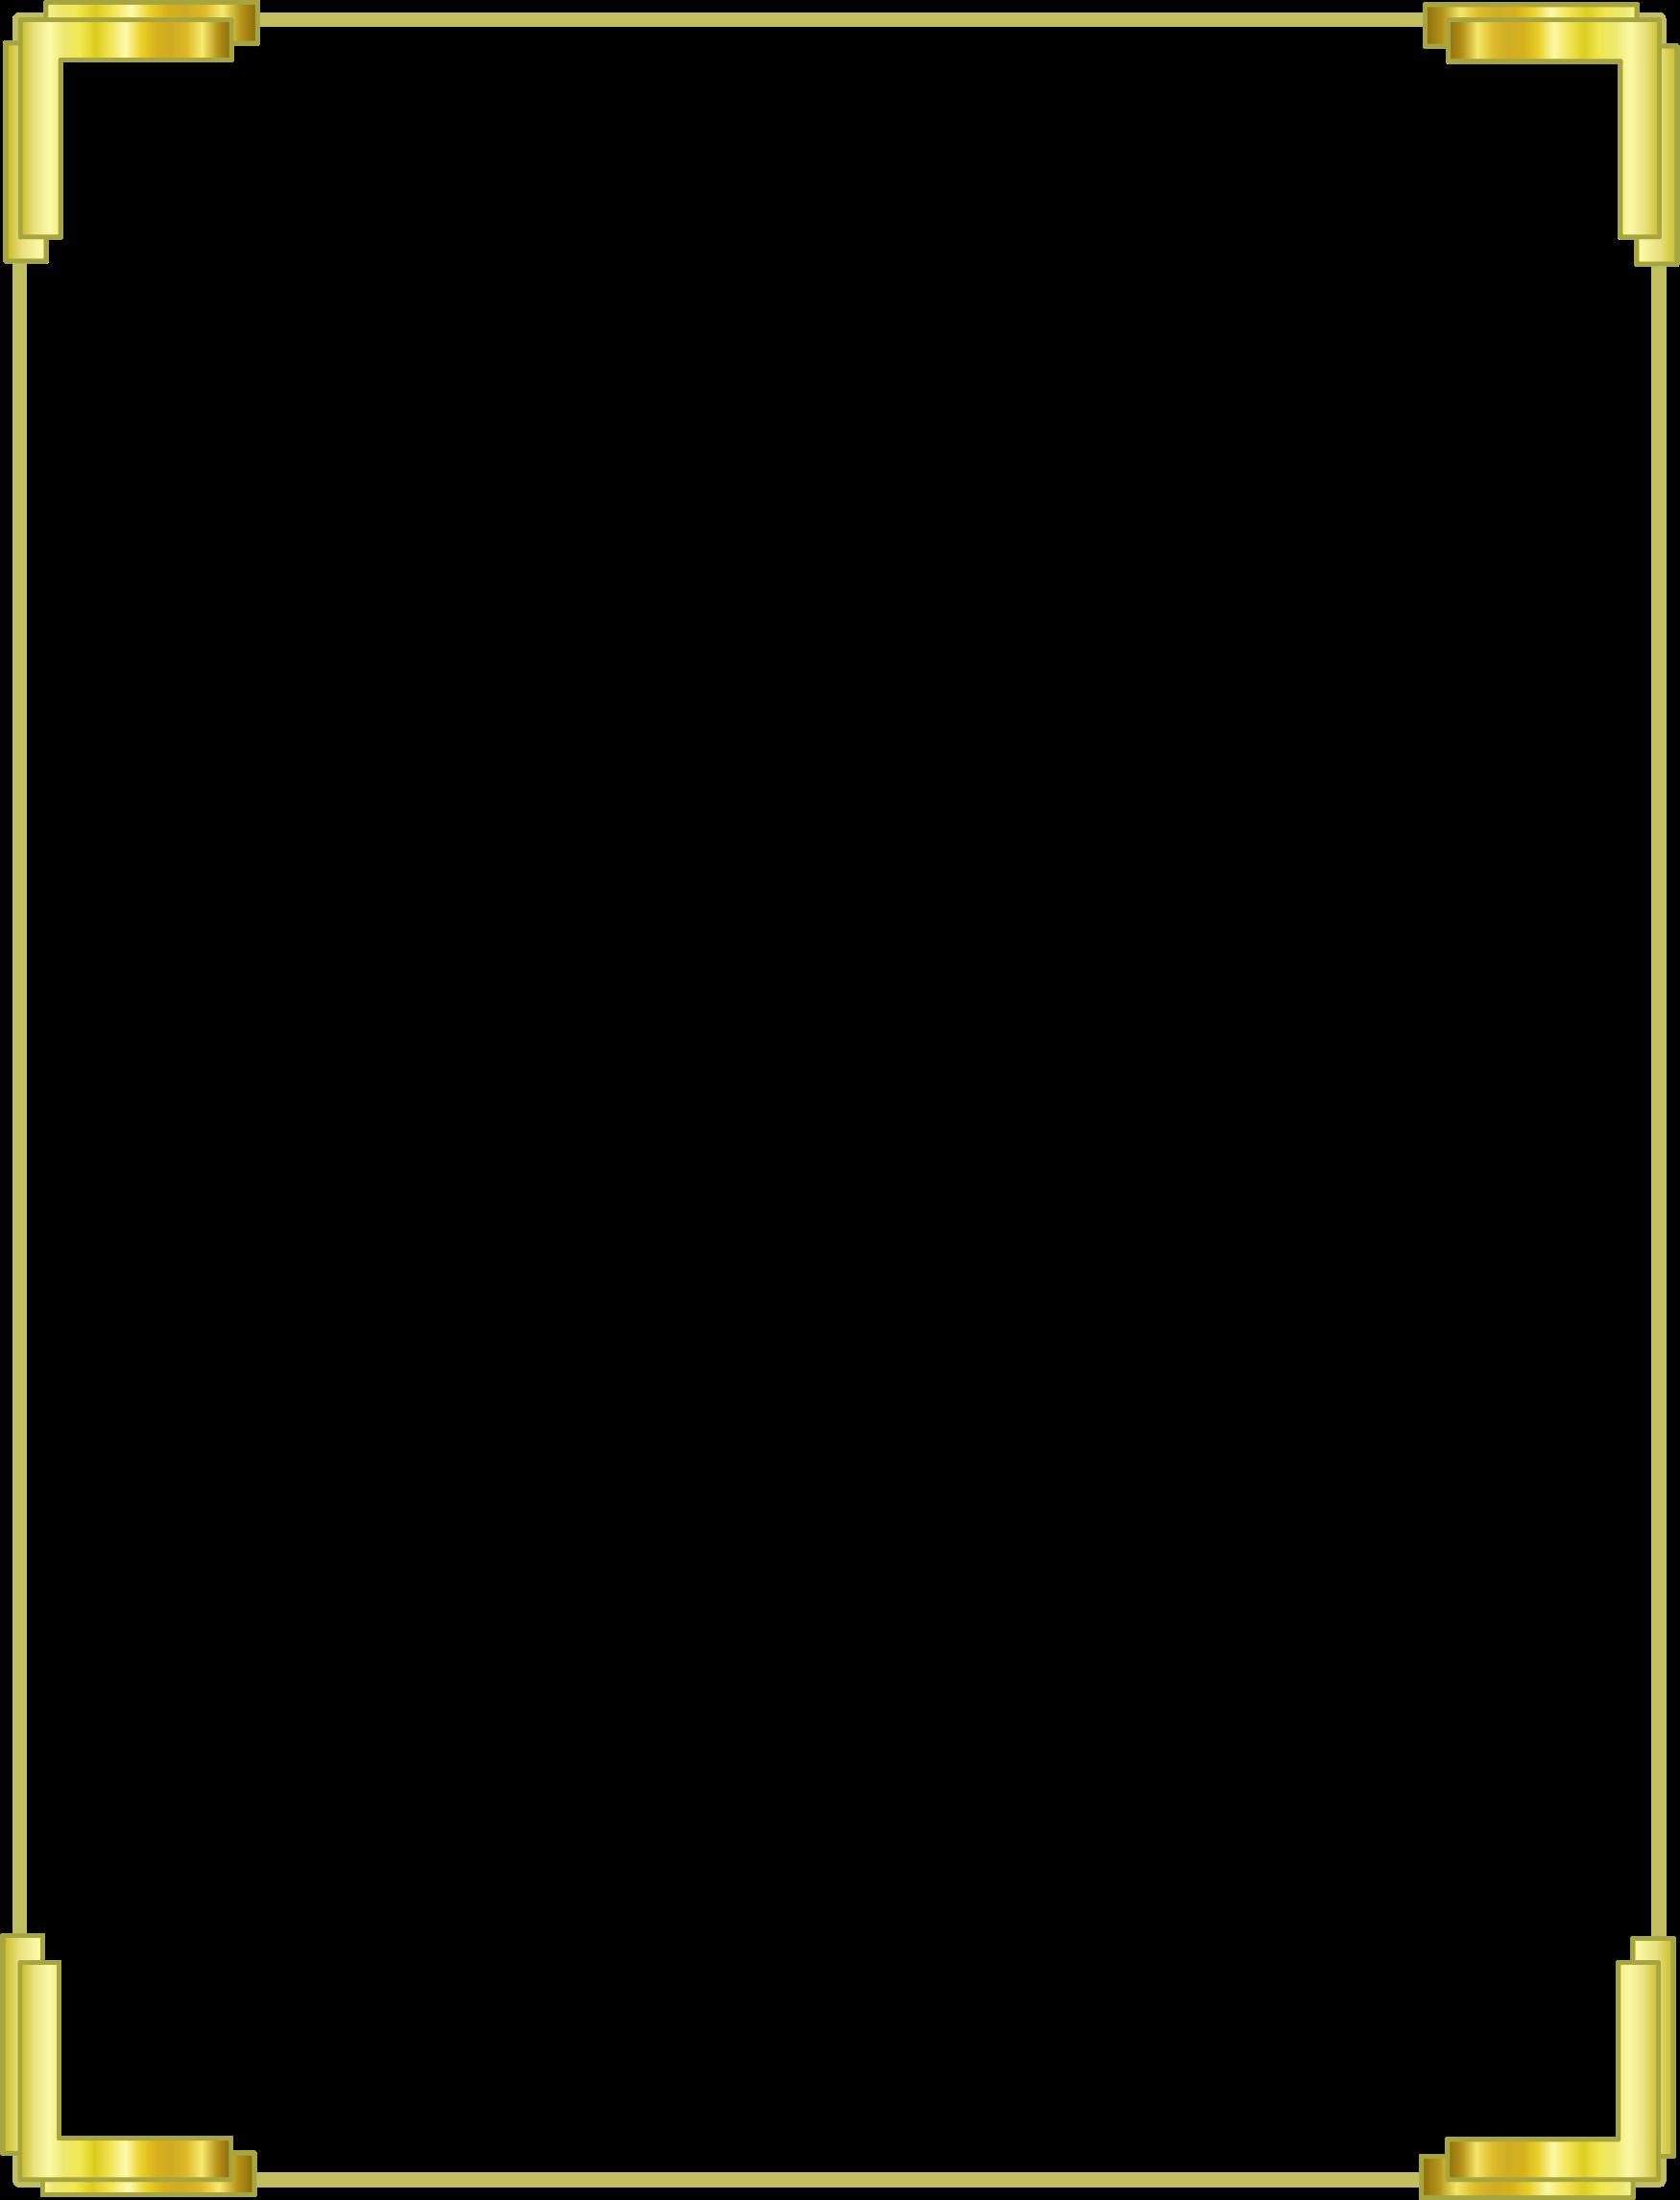 Gold border png. Frame